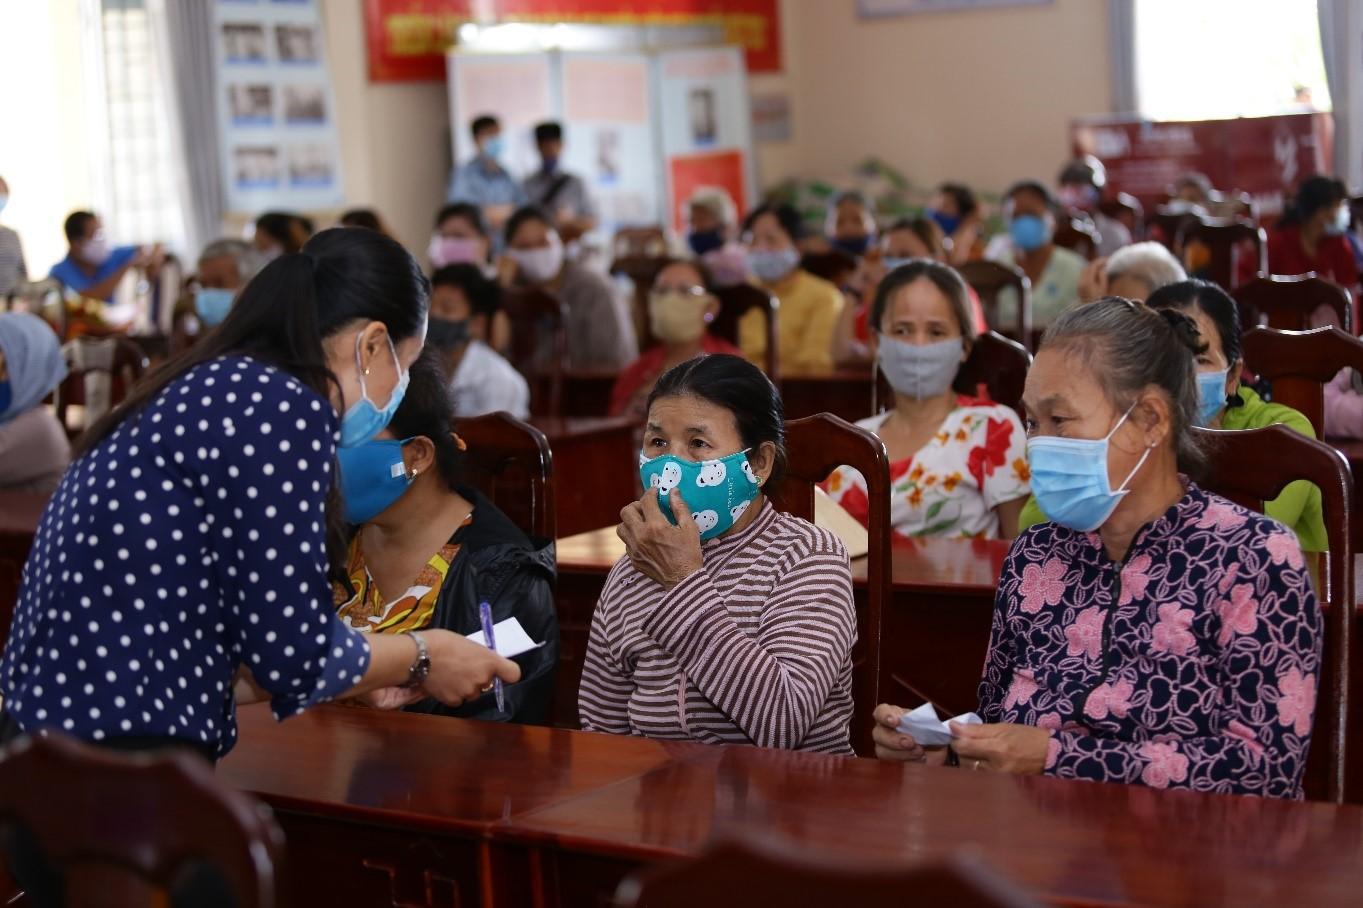 Tập đoàn Nam Long hỗ trợ hệ thống ATM gạo tại tỉnh Long An, tiếp sức cộng đồng cùng vượt khó 2